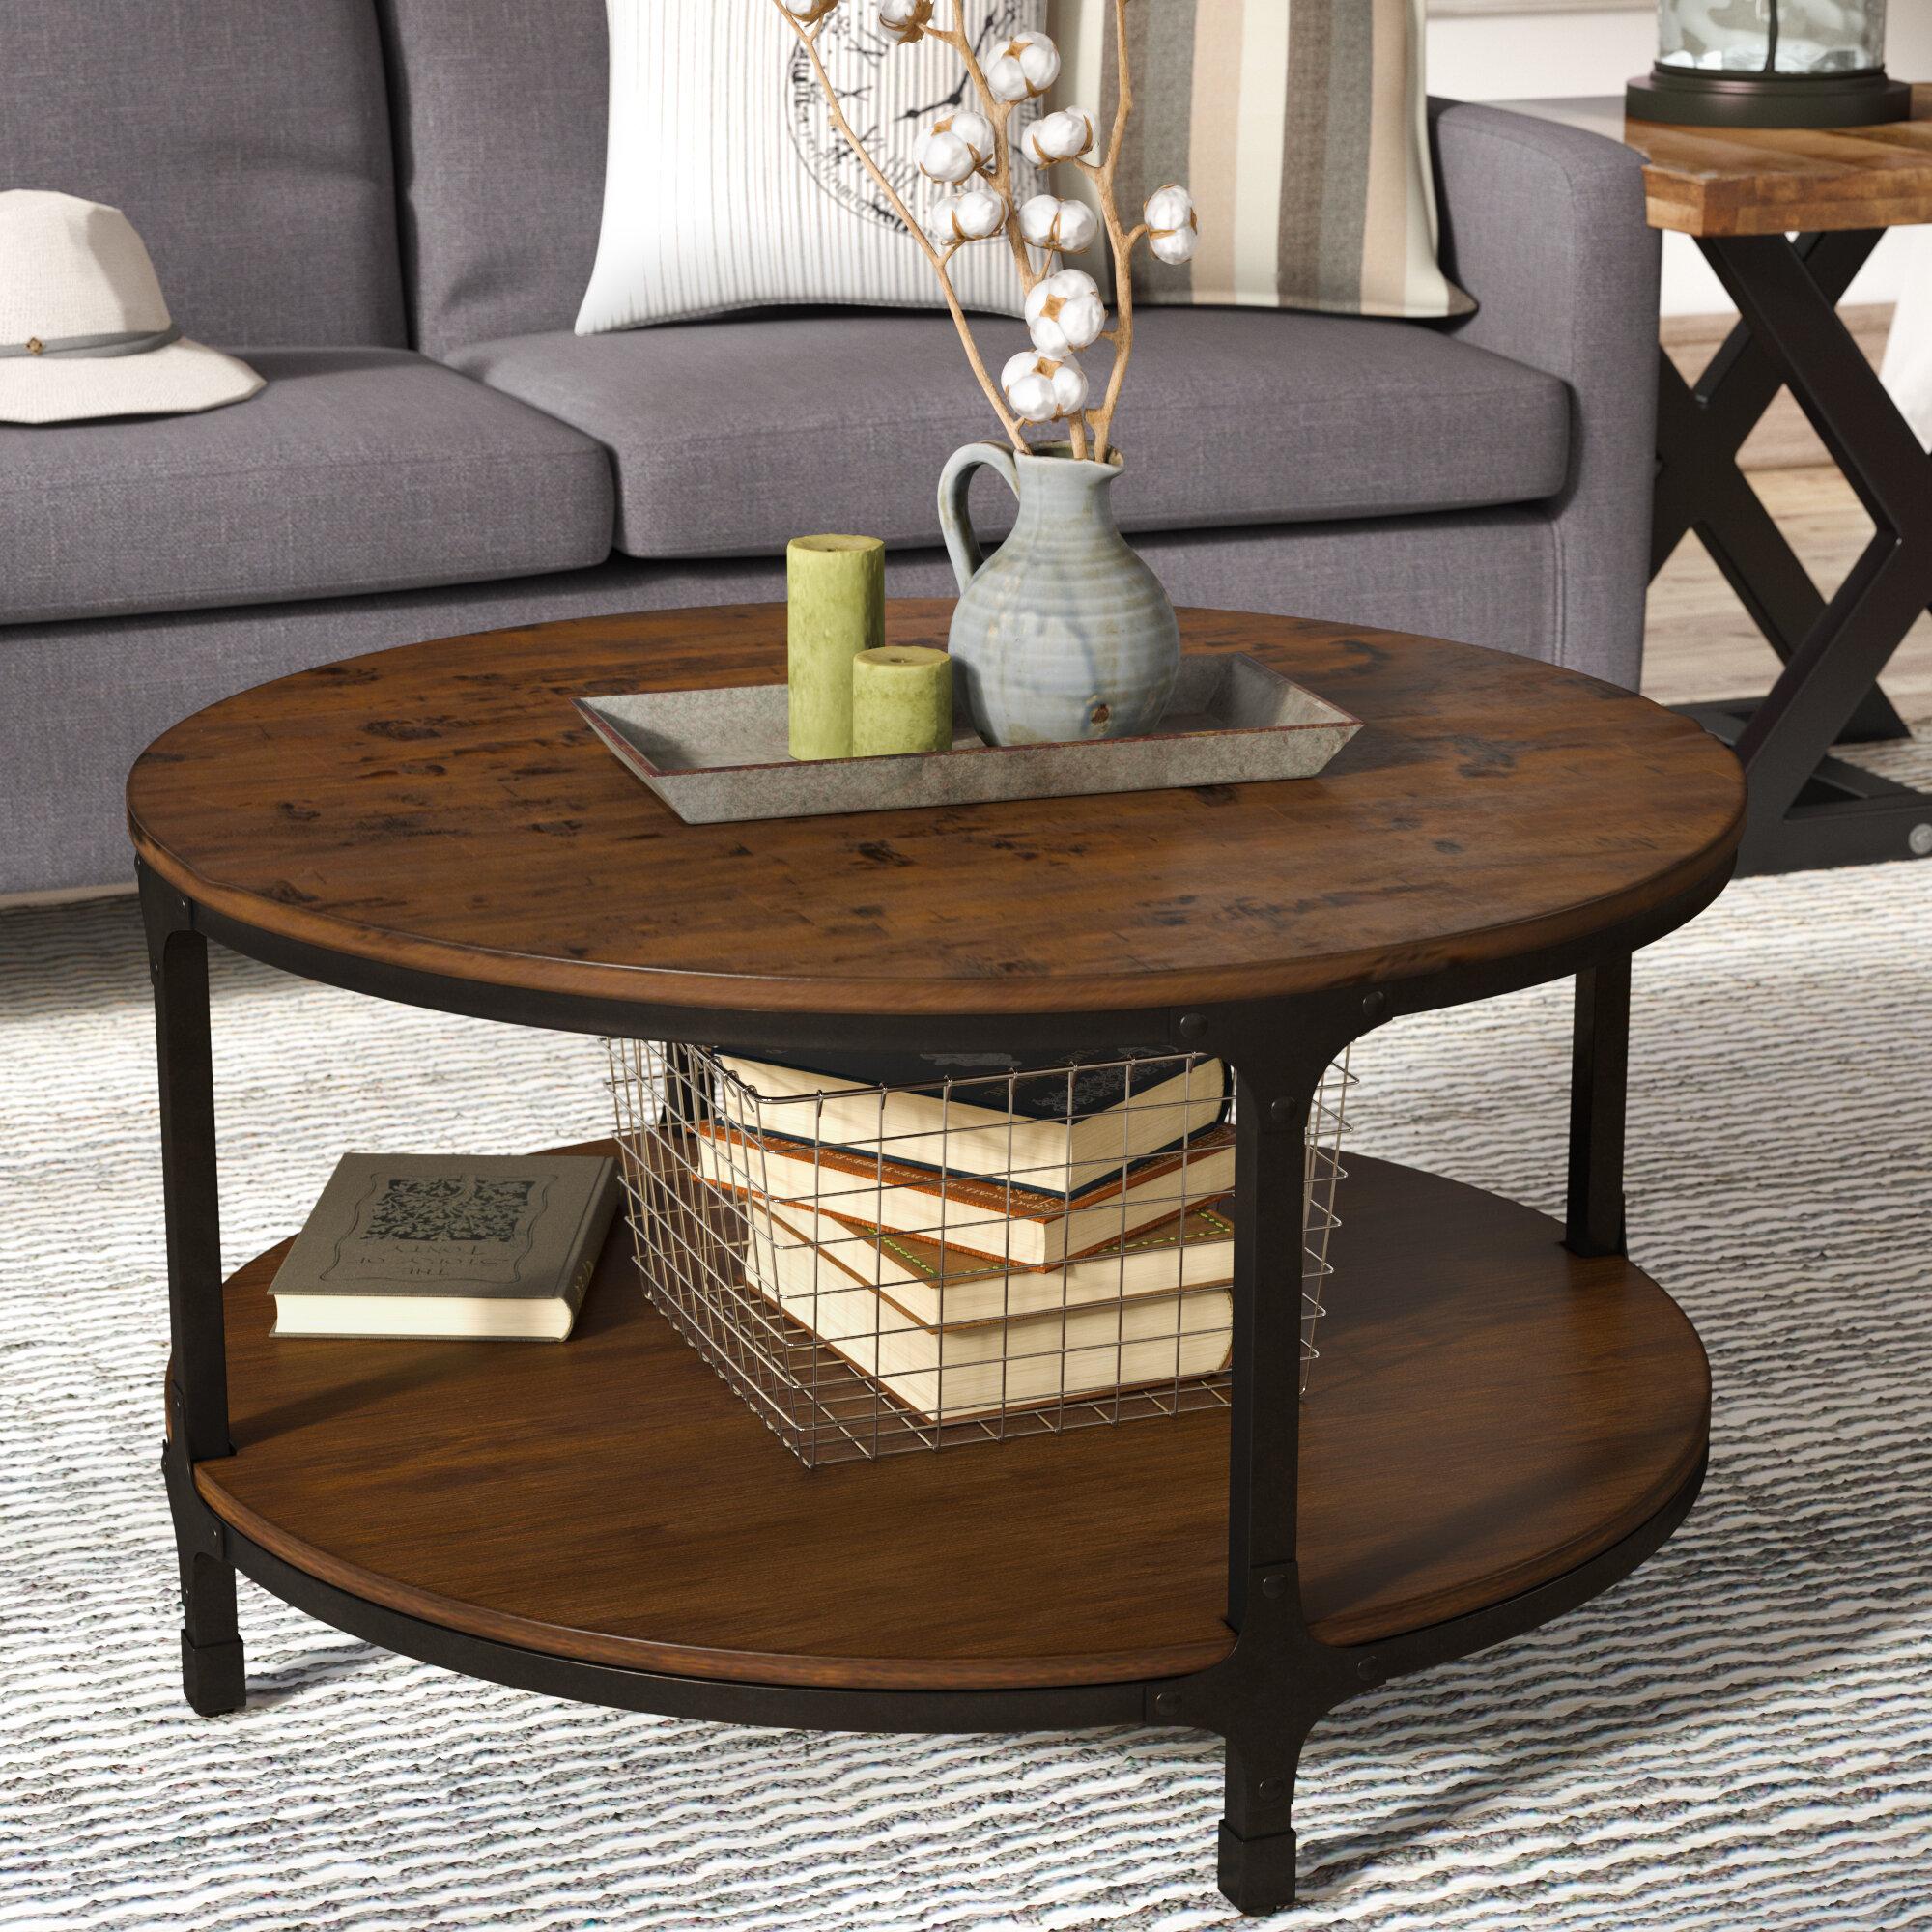 Delicieux Laurel Foundry Modern Farmhouse Carolyn Coffee Table U0026 Reviews | Wayfair